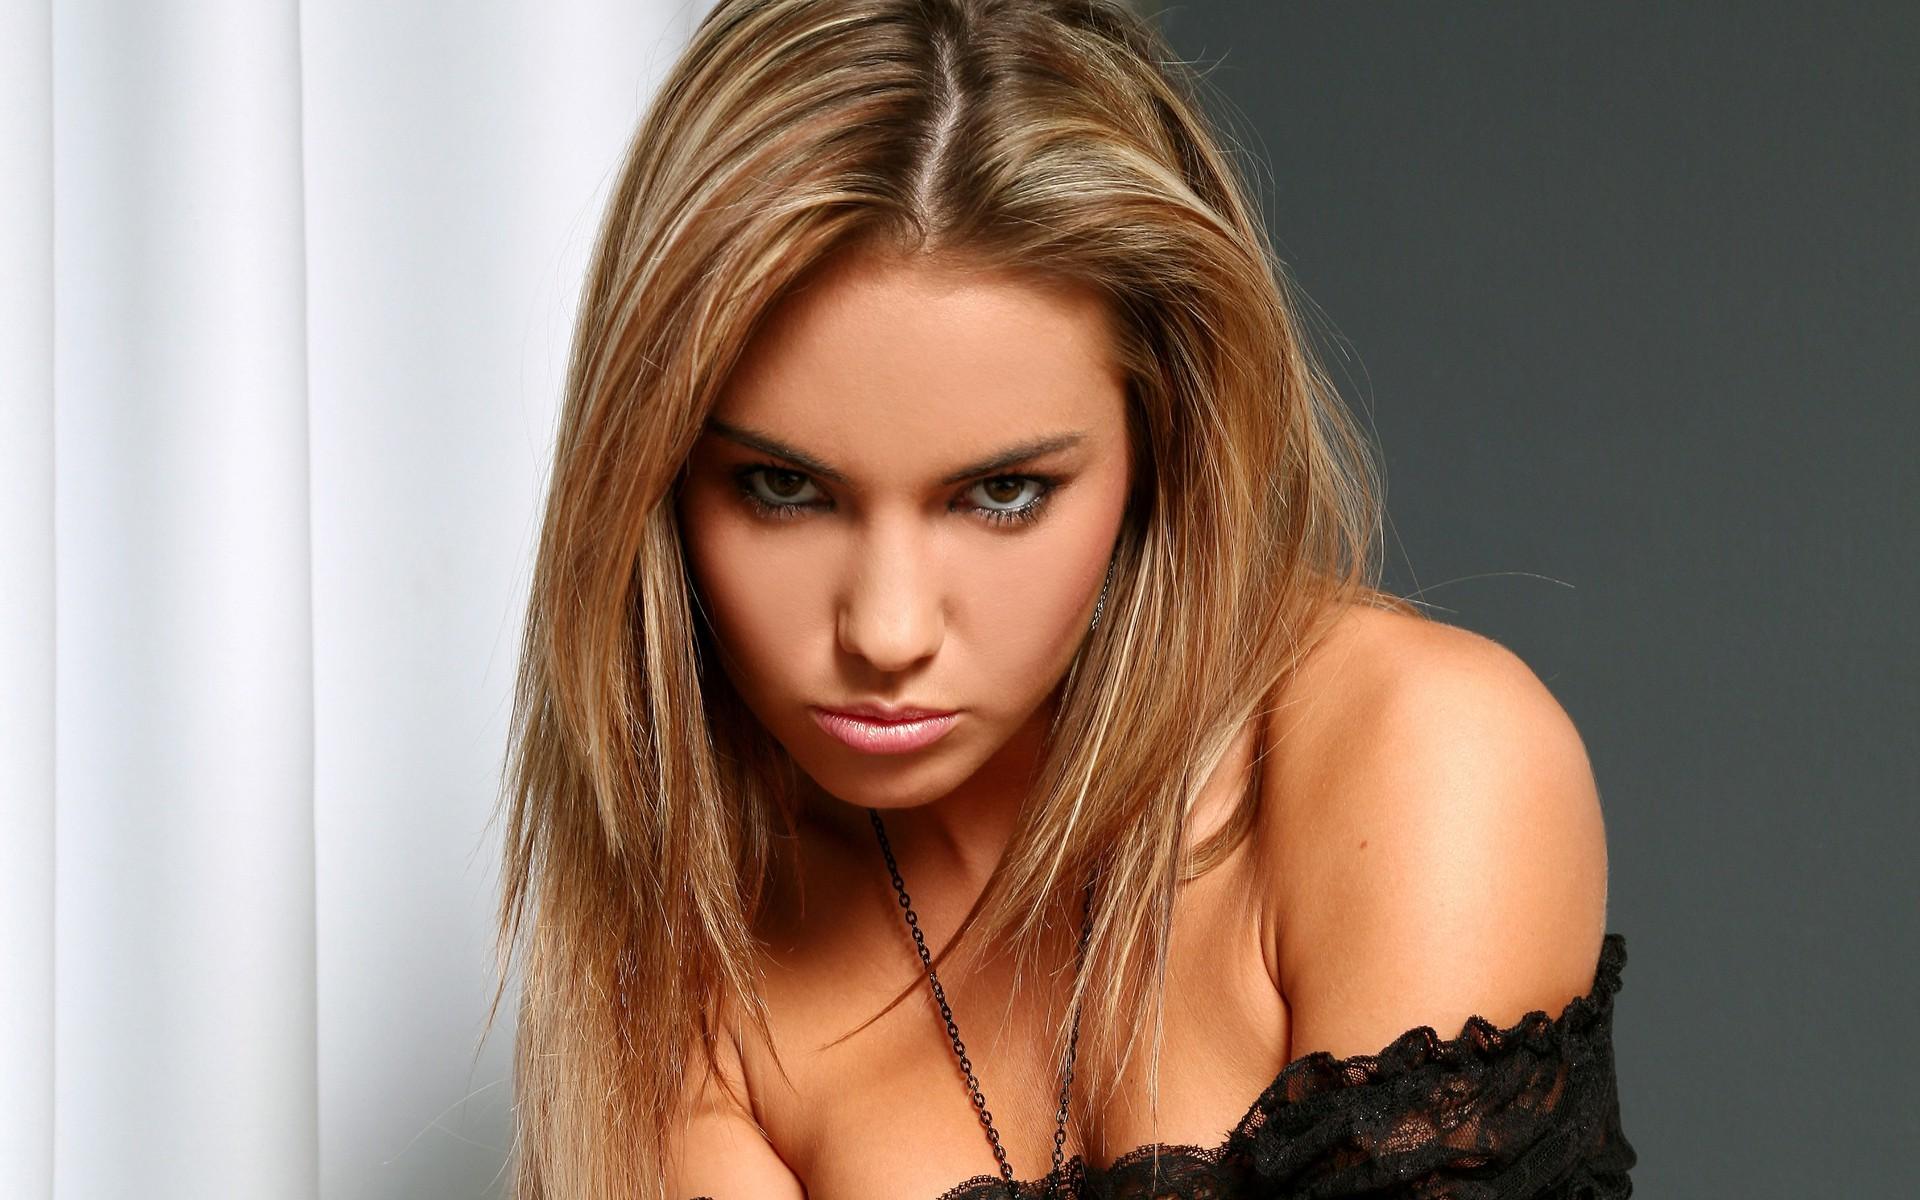 Veronika fasterova model